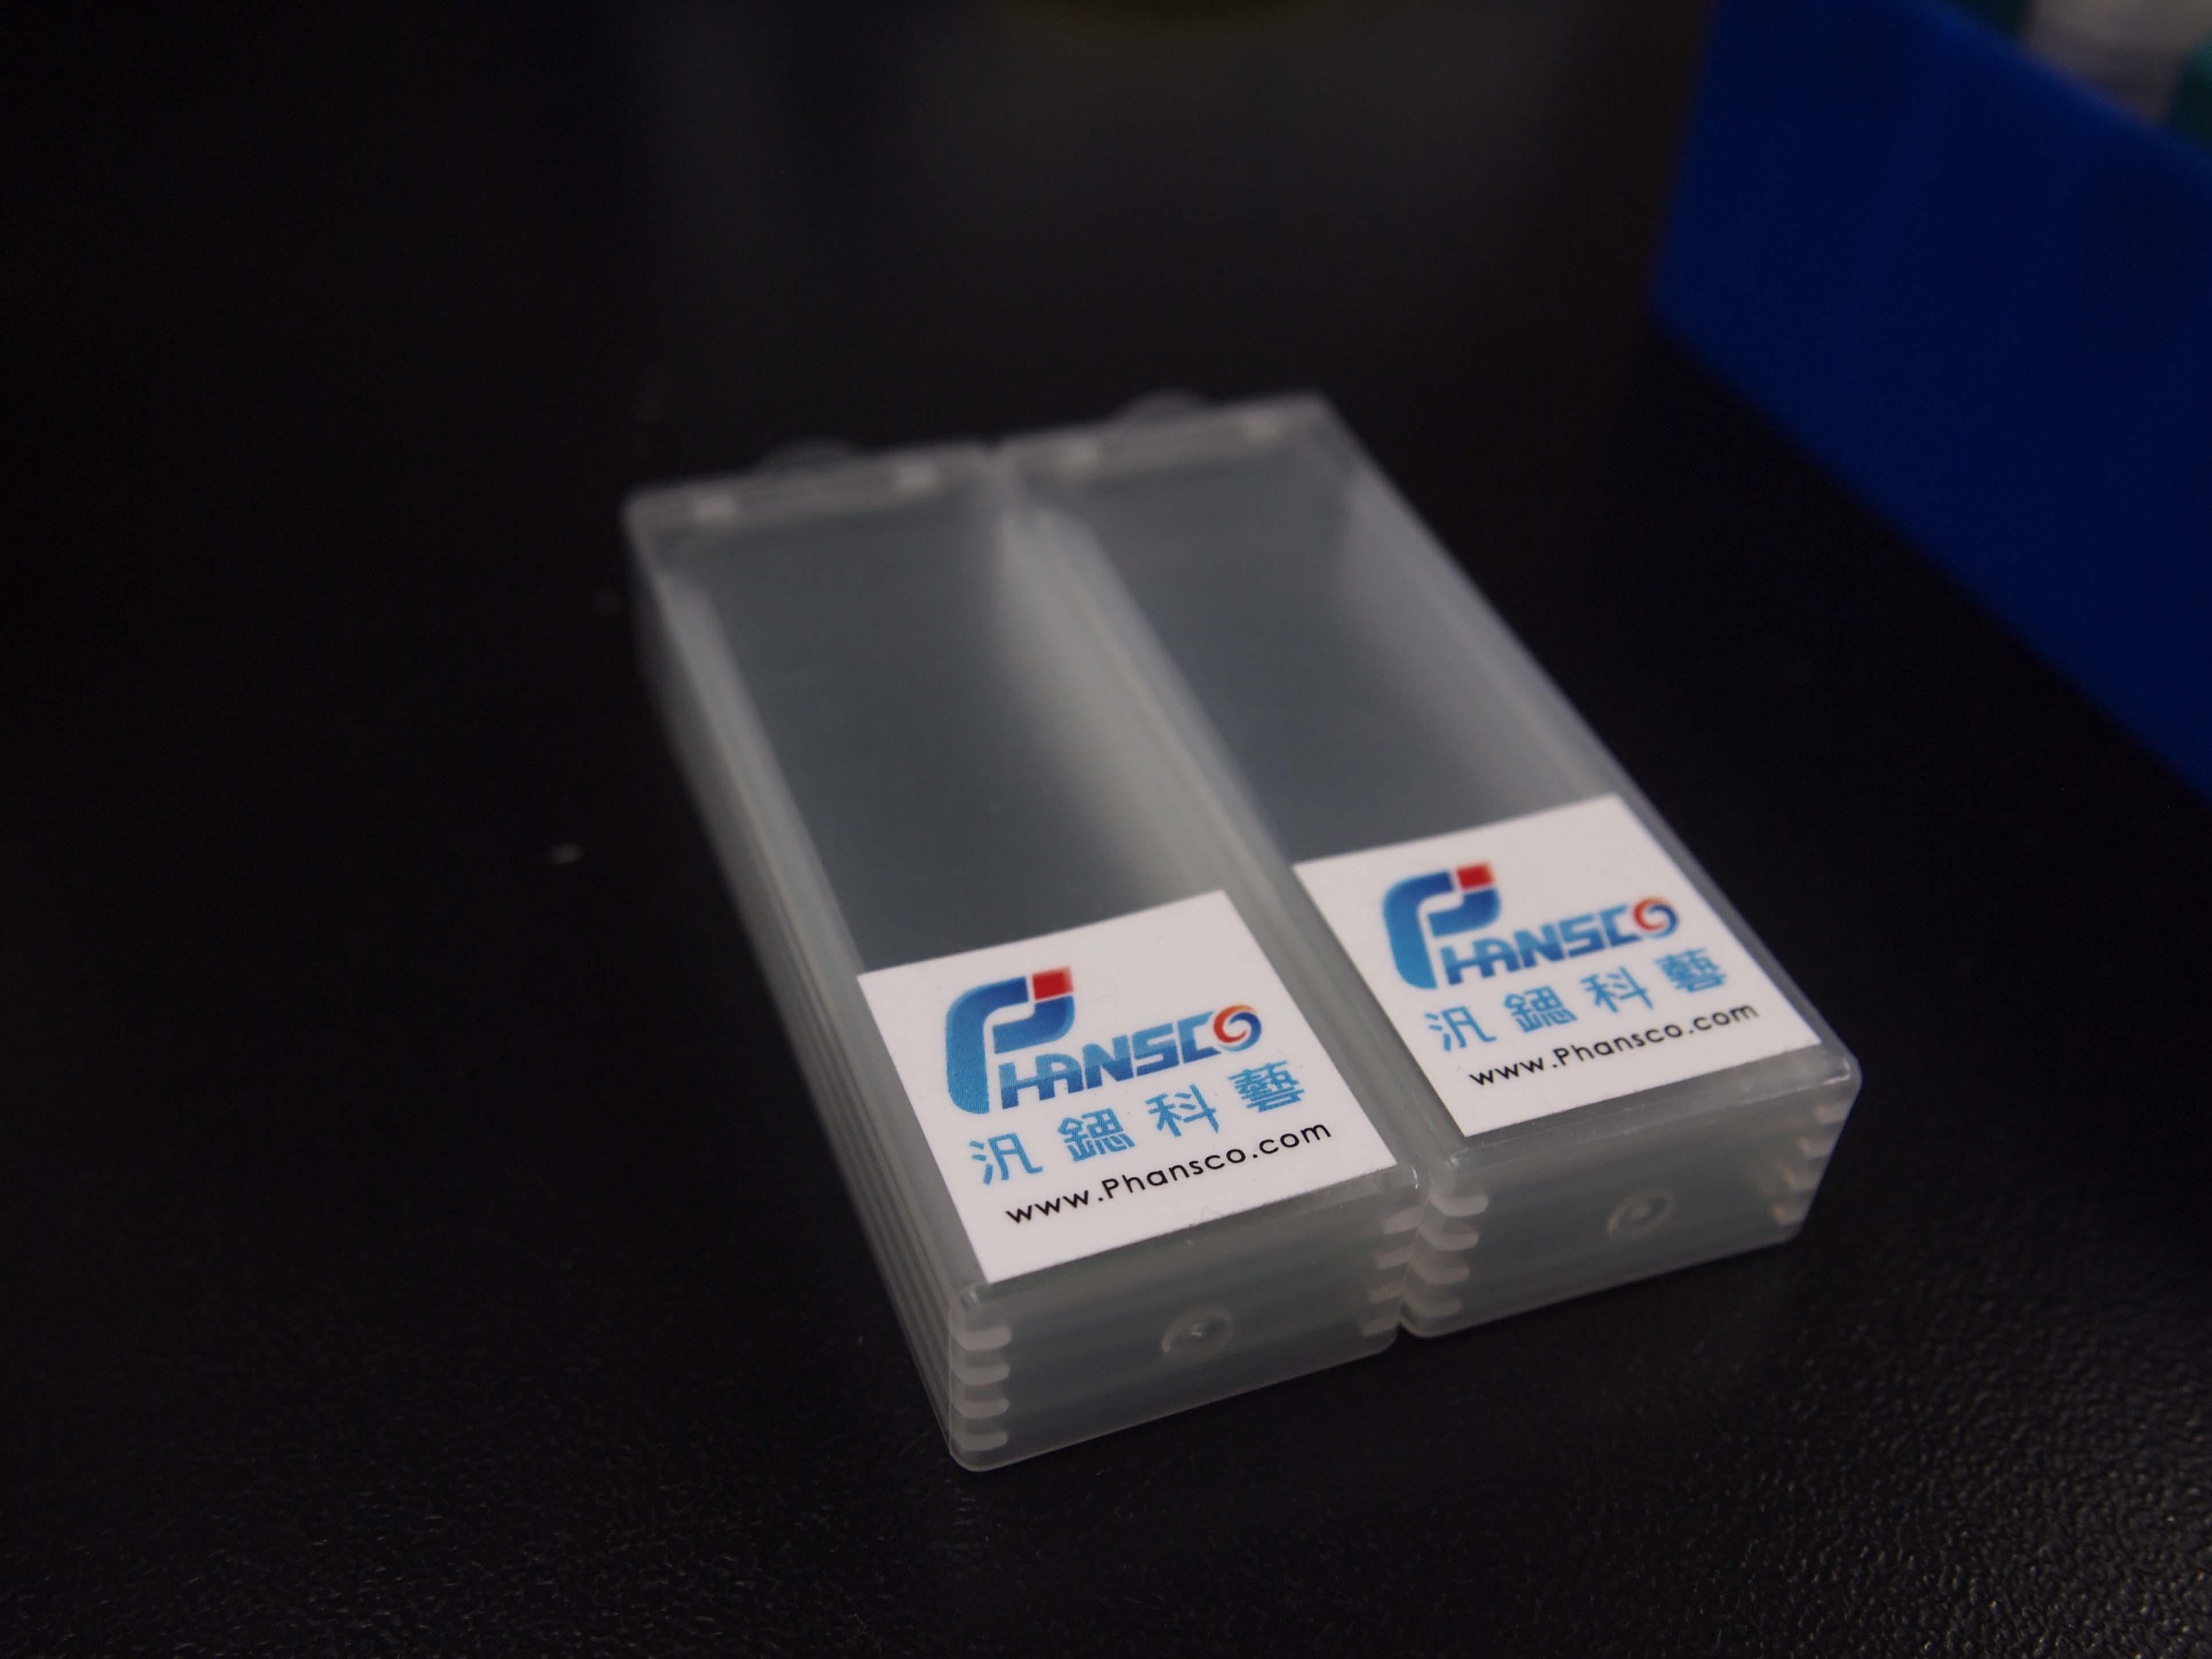 汎鍶科藝phan2SERS晶片,以創新斜向角度奈米雕刻沉積法(GLAD 技術),增強待測物的拉曼光譜訊號到達千萬倍,有效地檢驗出待測物中微量成分